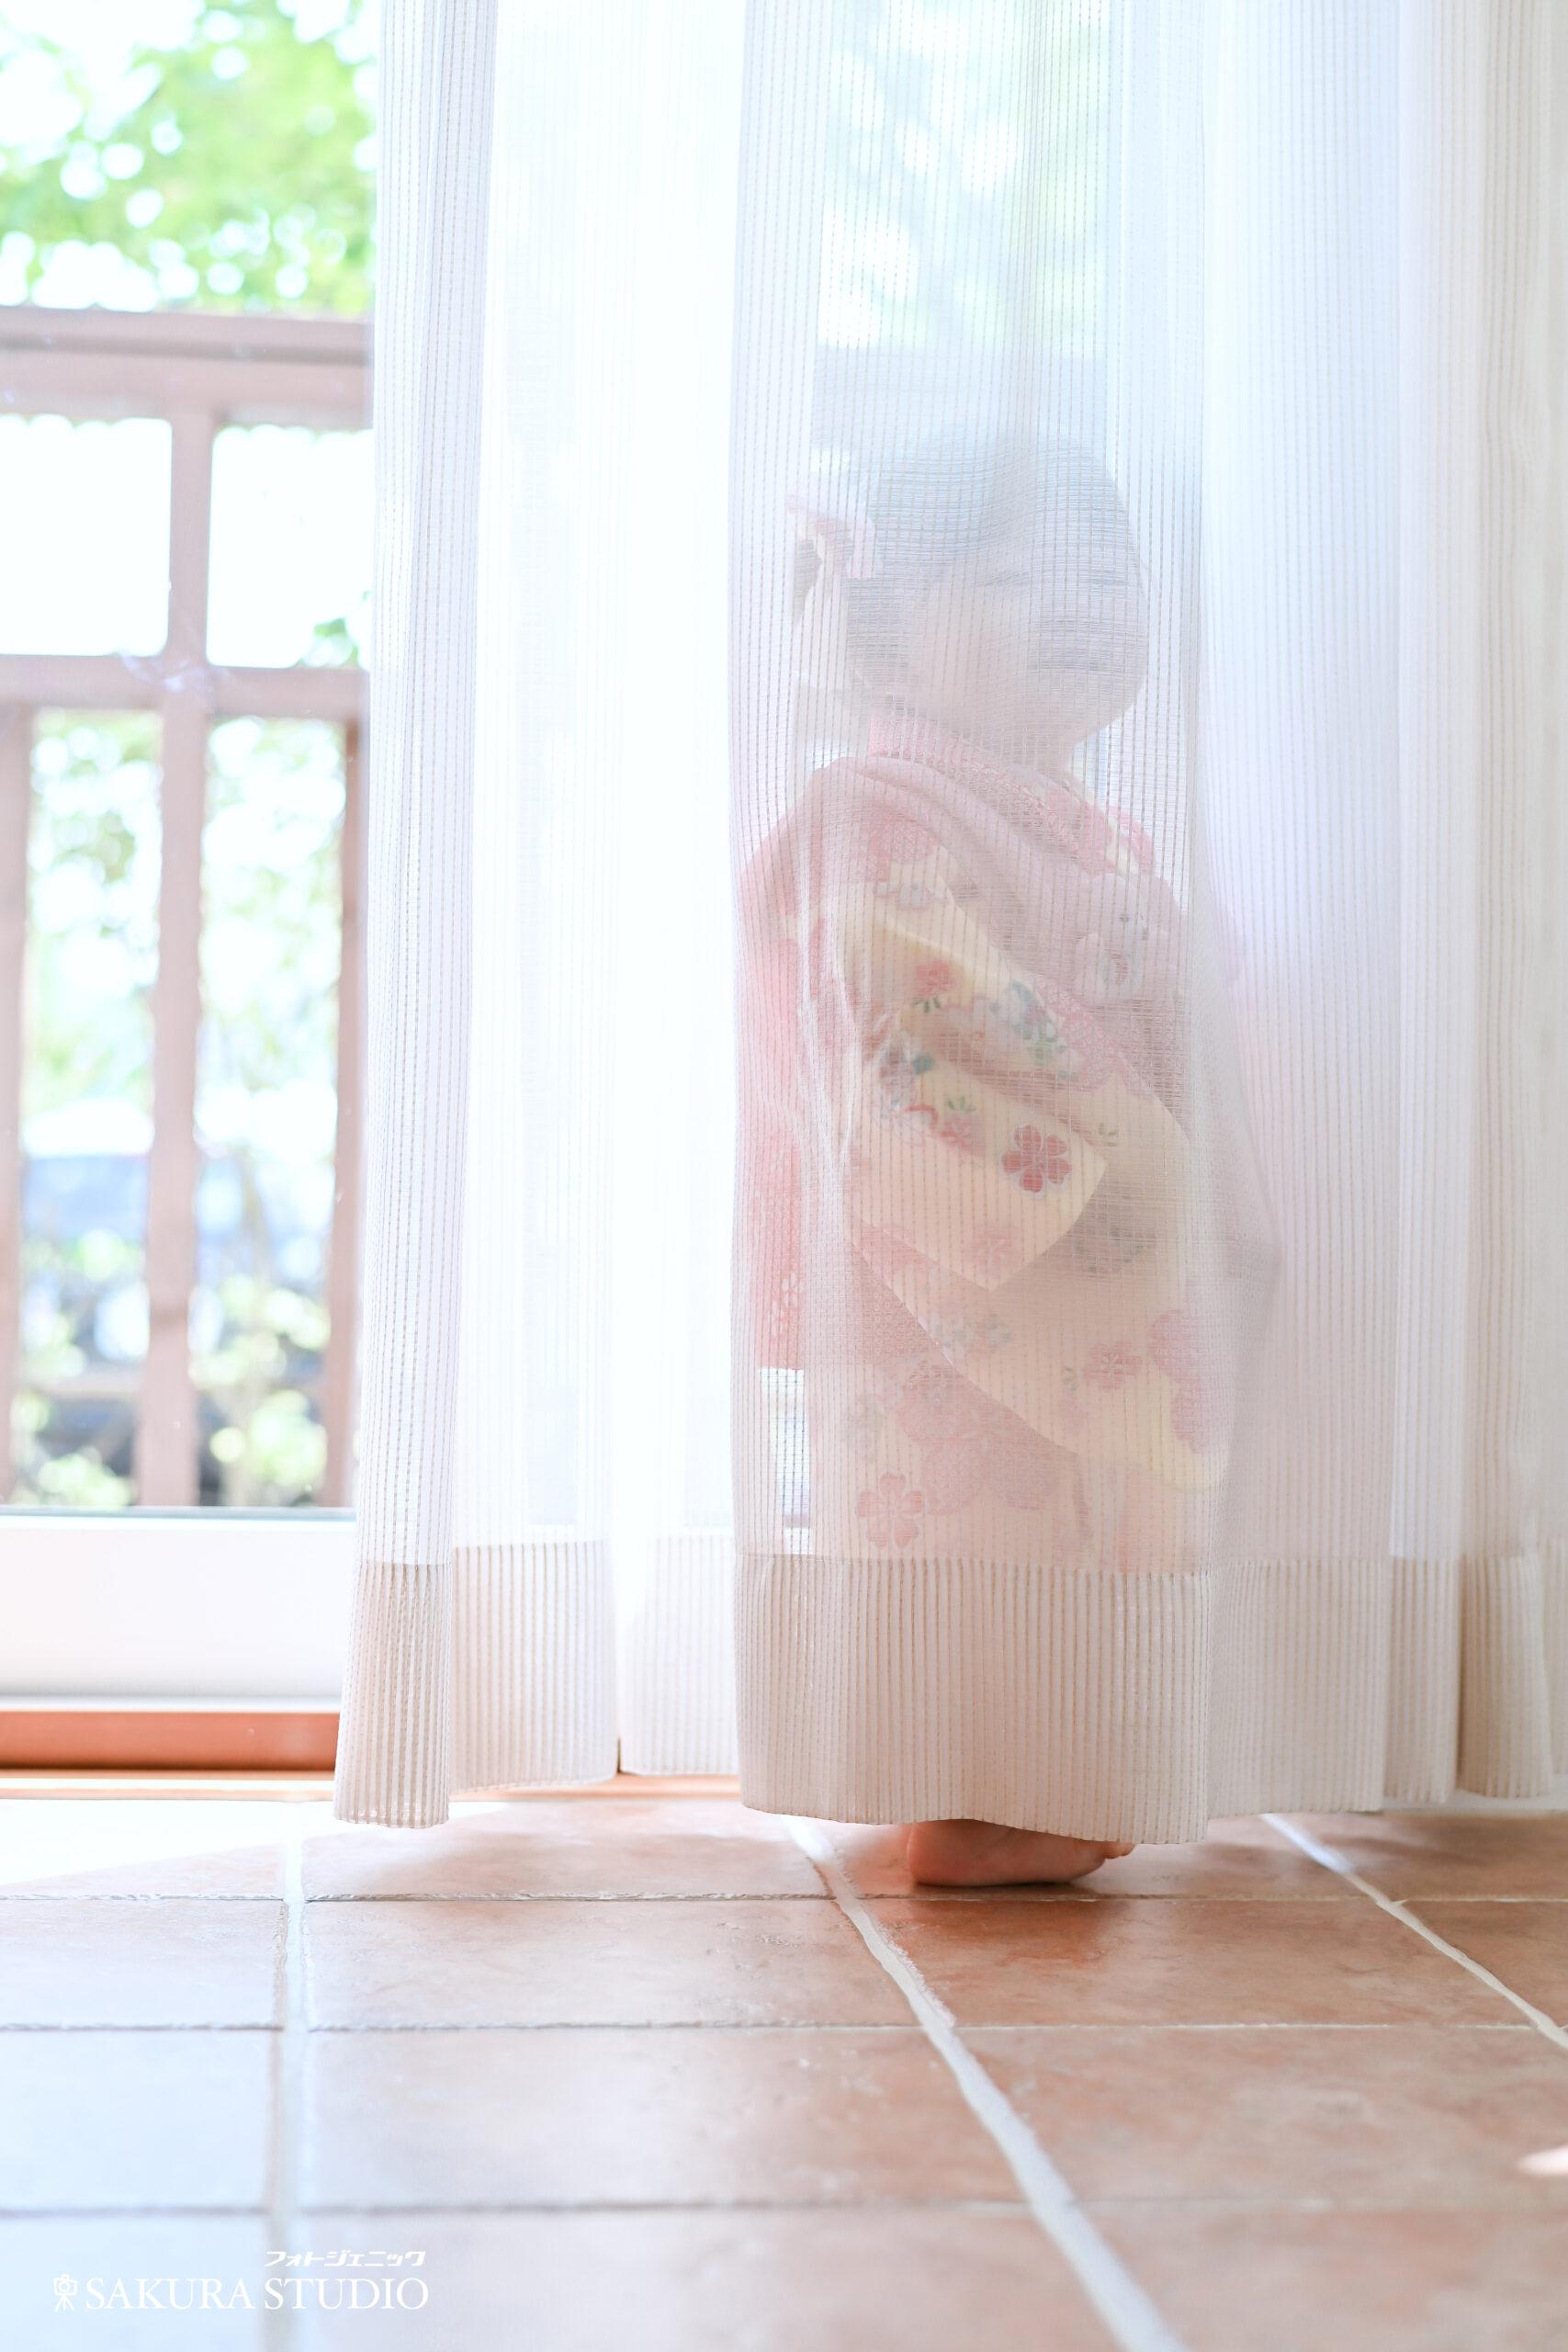 栃木 宇都宮 フォトスタジオ フォトジェニック フォトジェニックサクラスタジオ 七五三 3歳 着物 お被布 ドレス レンタル カメラマン ロケーションフォト かわいい 女の子 1歳 バースディ Birthday 着物レンタル 積み木 遊んでいる